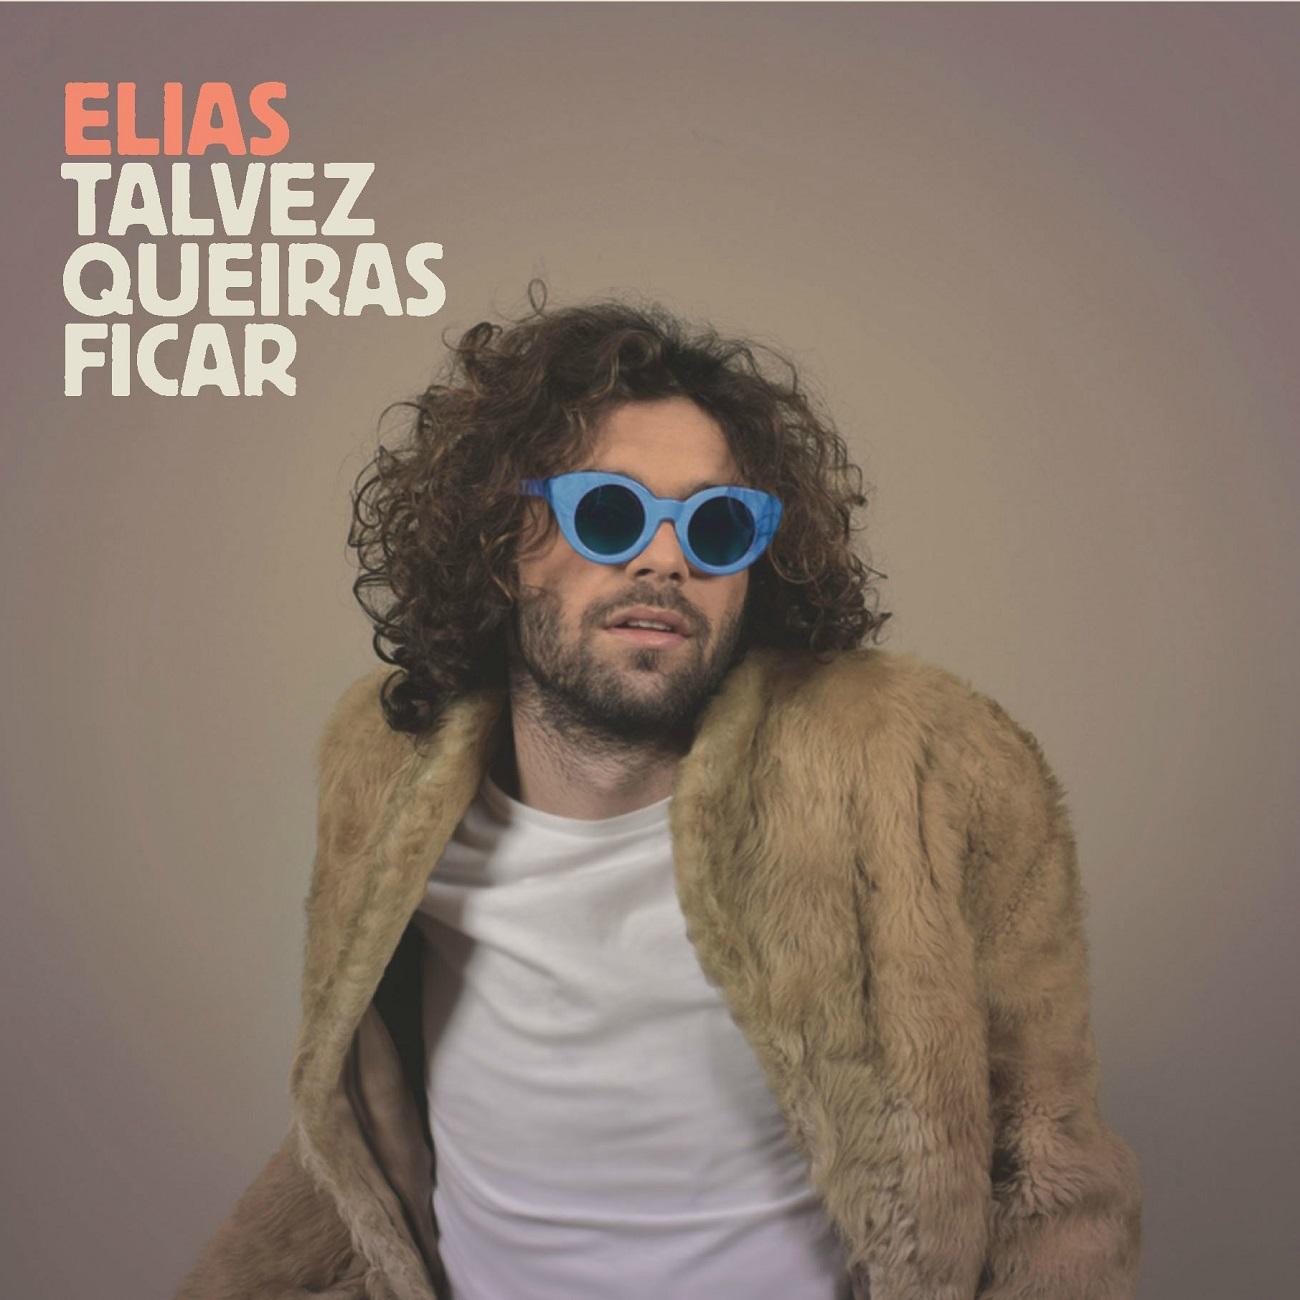 Elias – Talvez Queiras Ficar